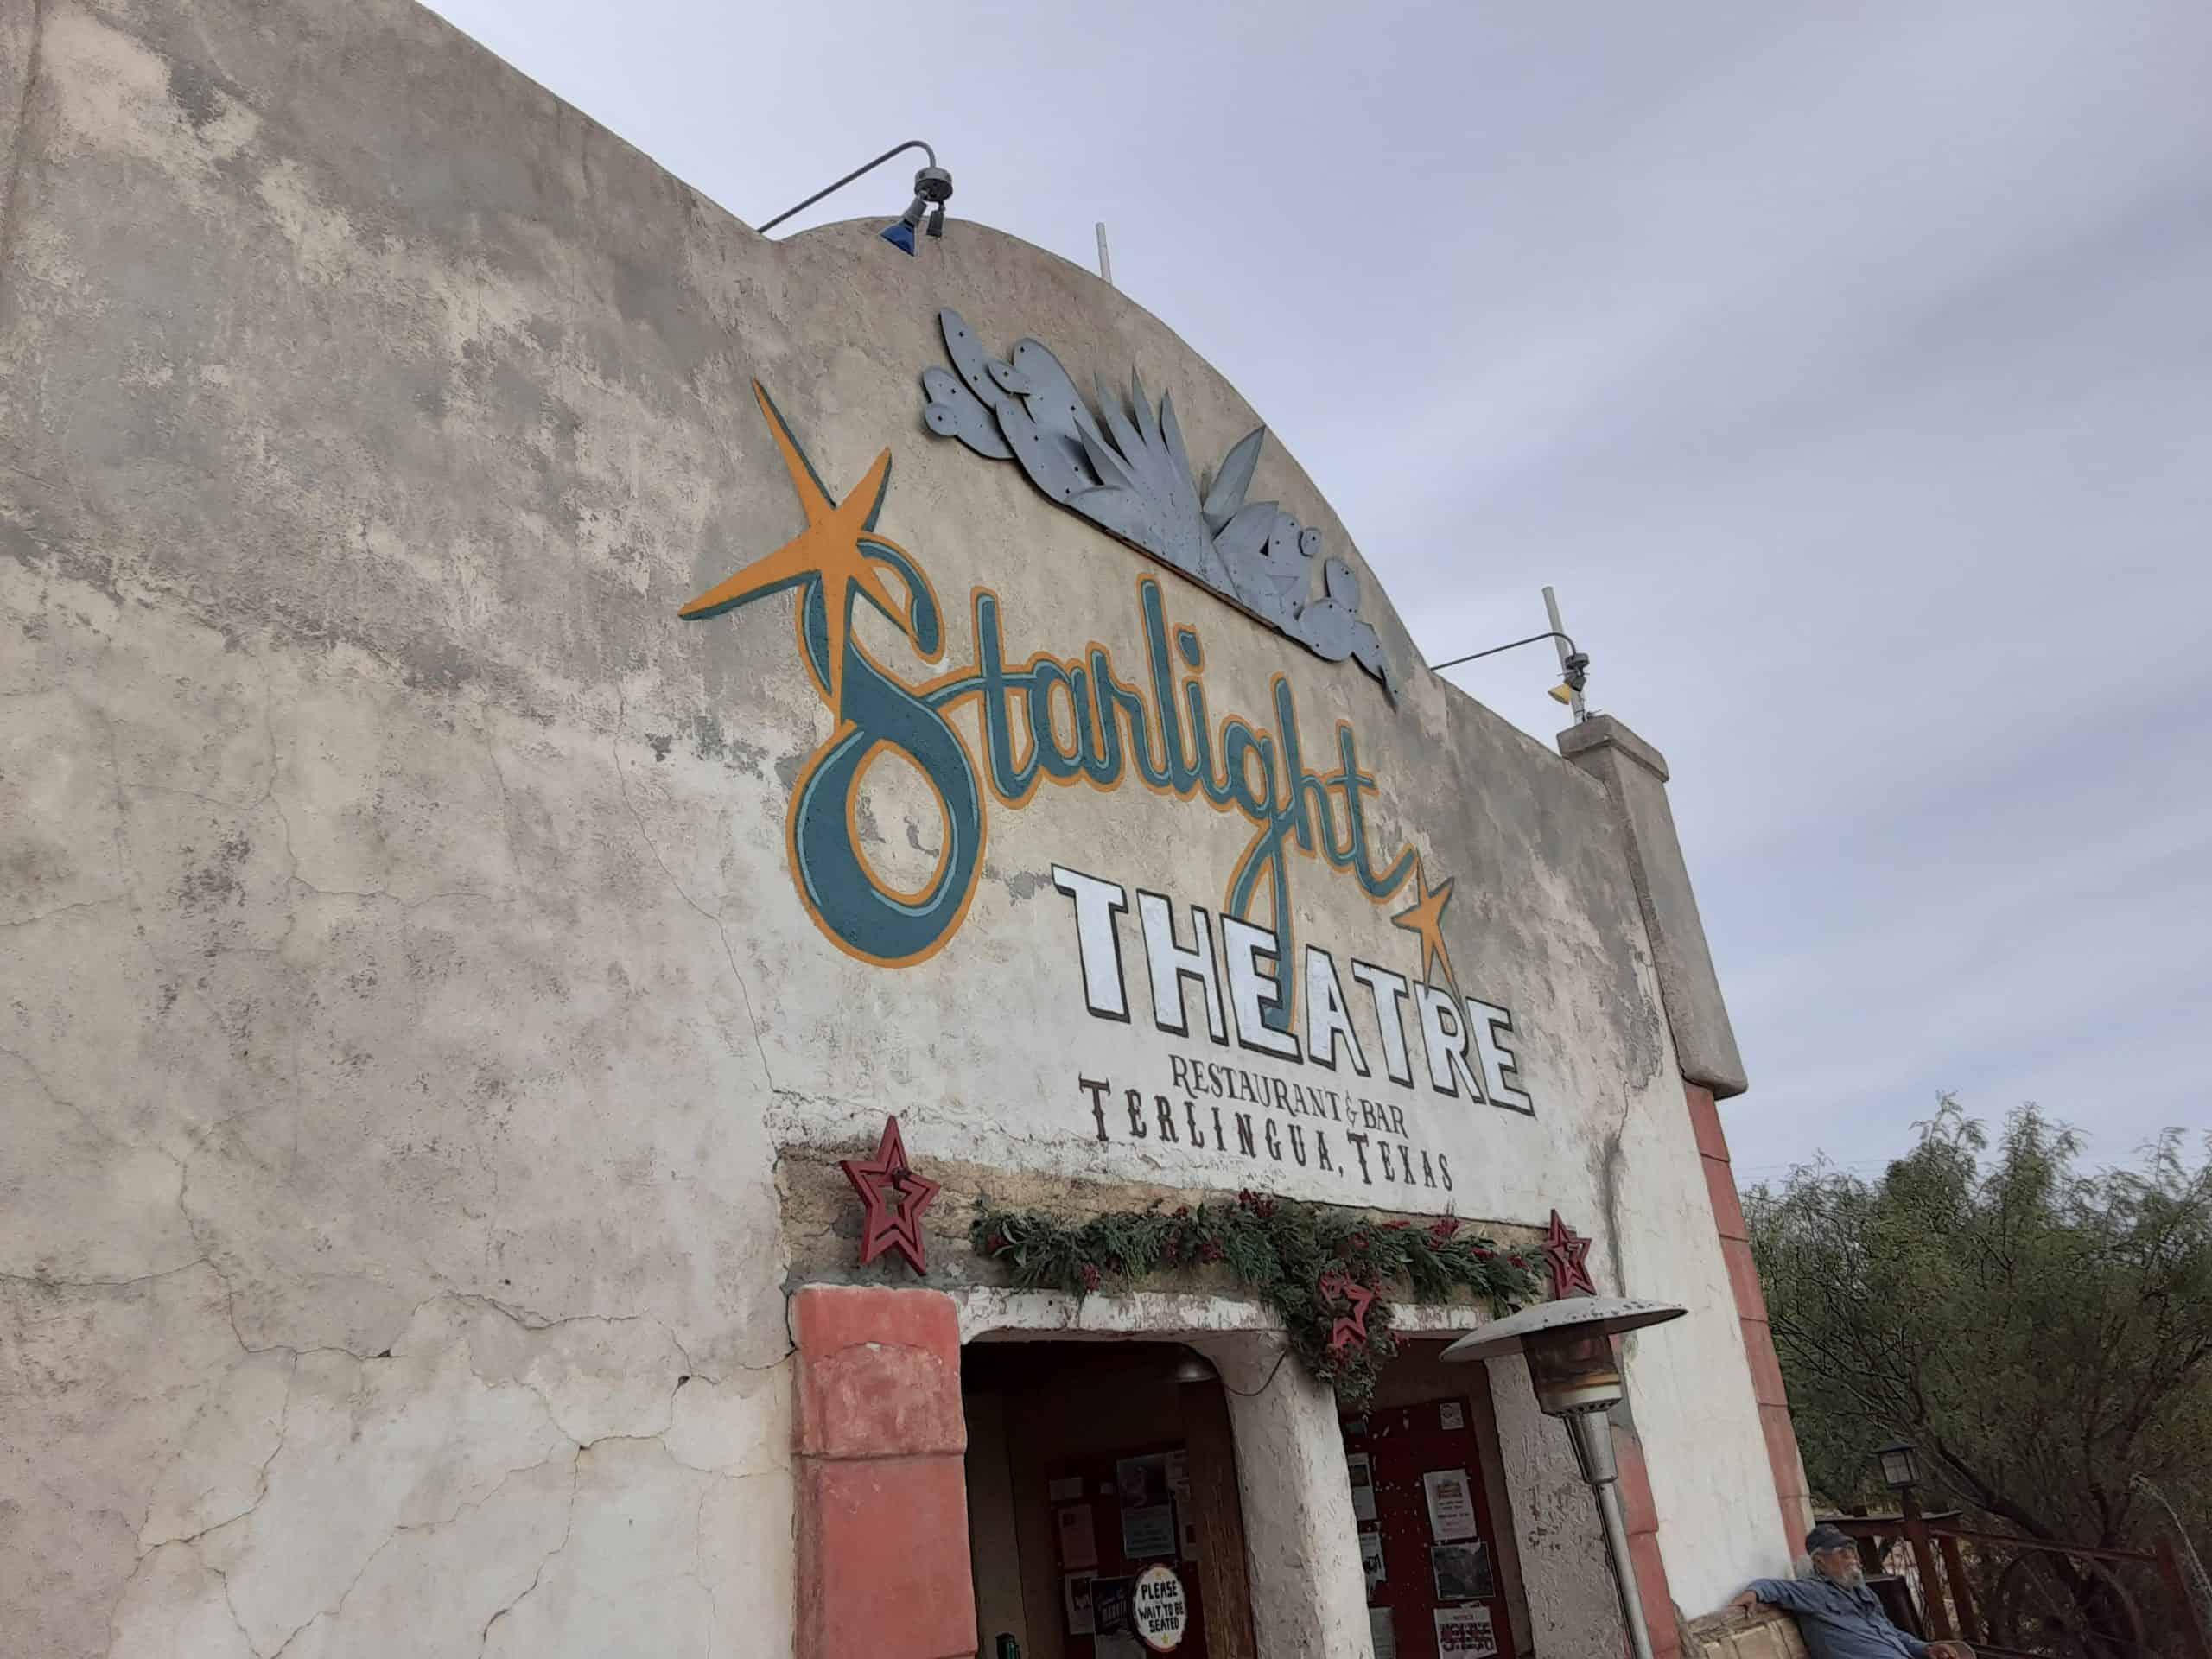 Terlingua Texas Starlight Theater